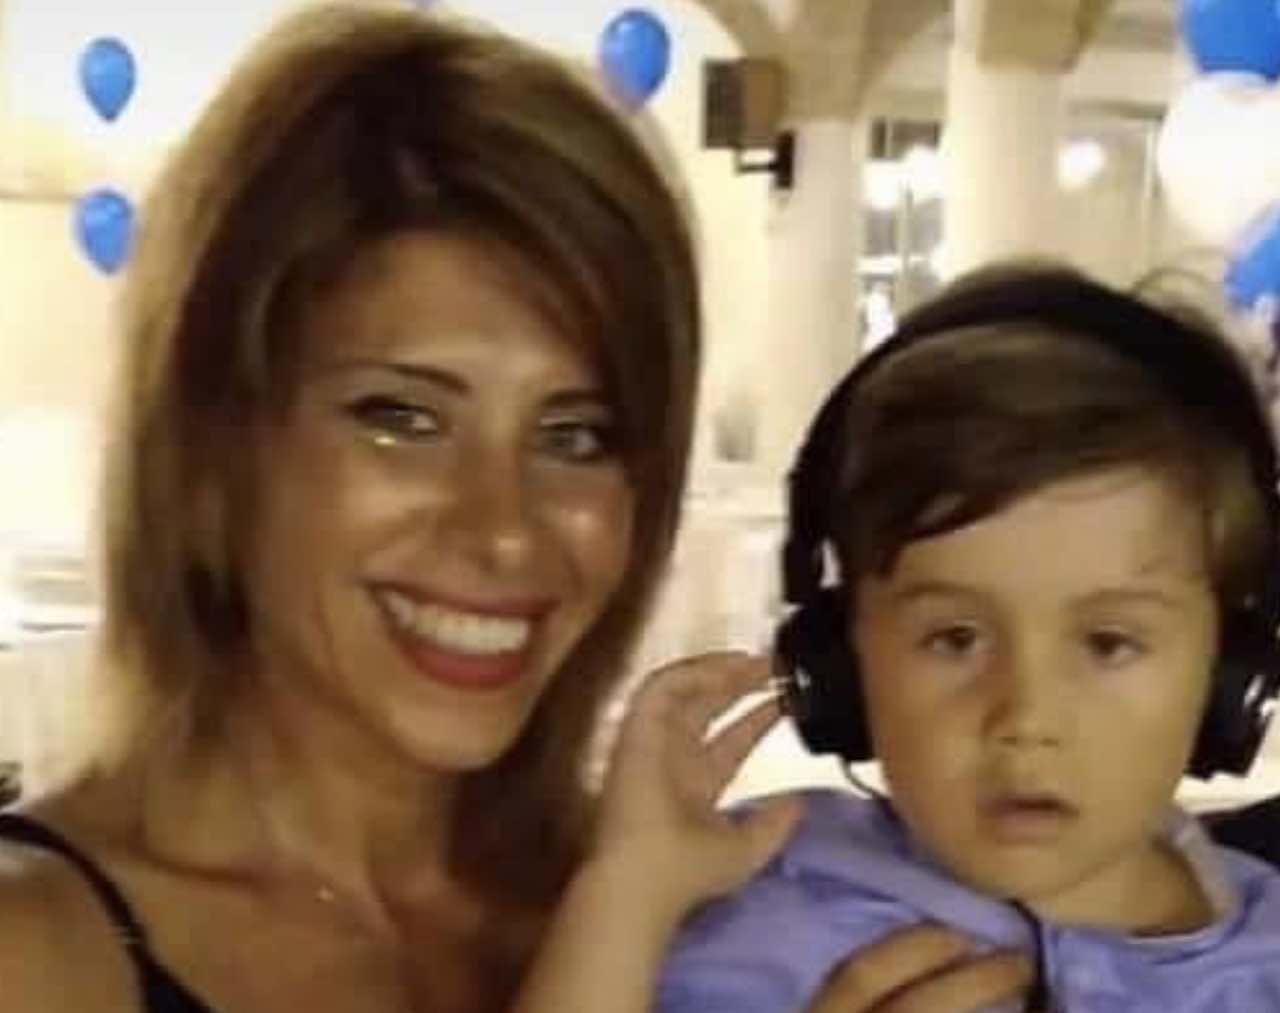 Viviana Parisi e il figlio Gioele scomparsi dopo incidente nel Messinese autostrada a20